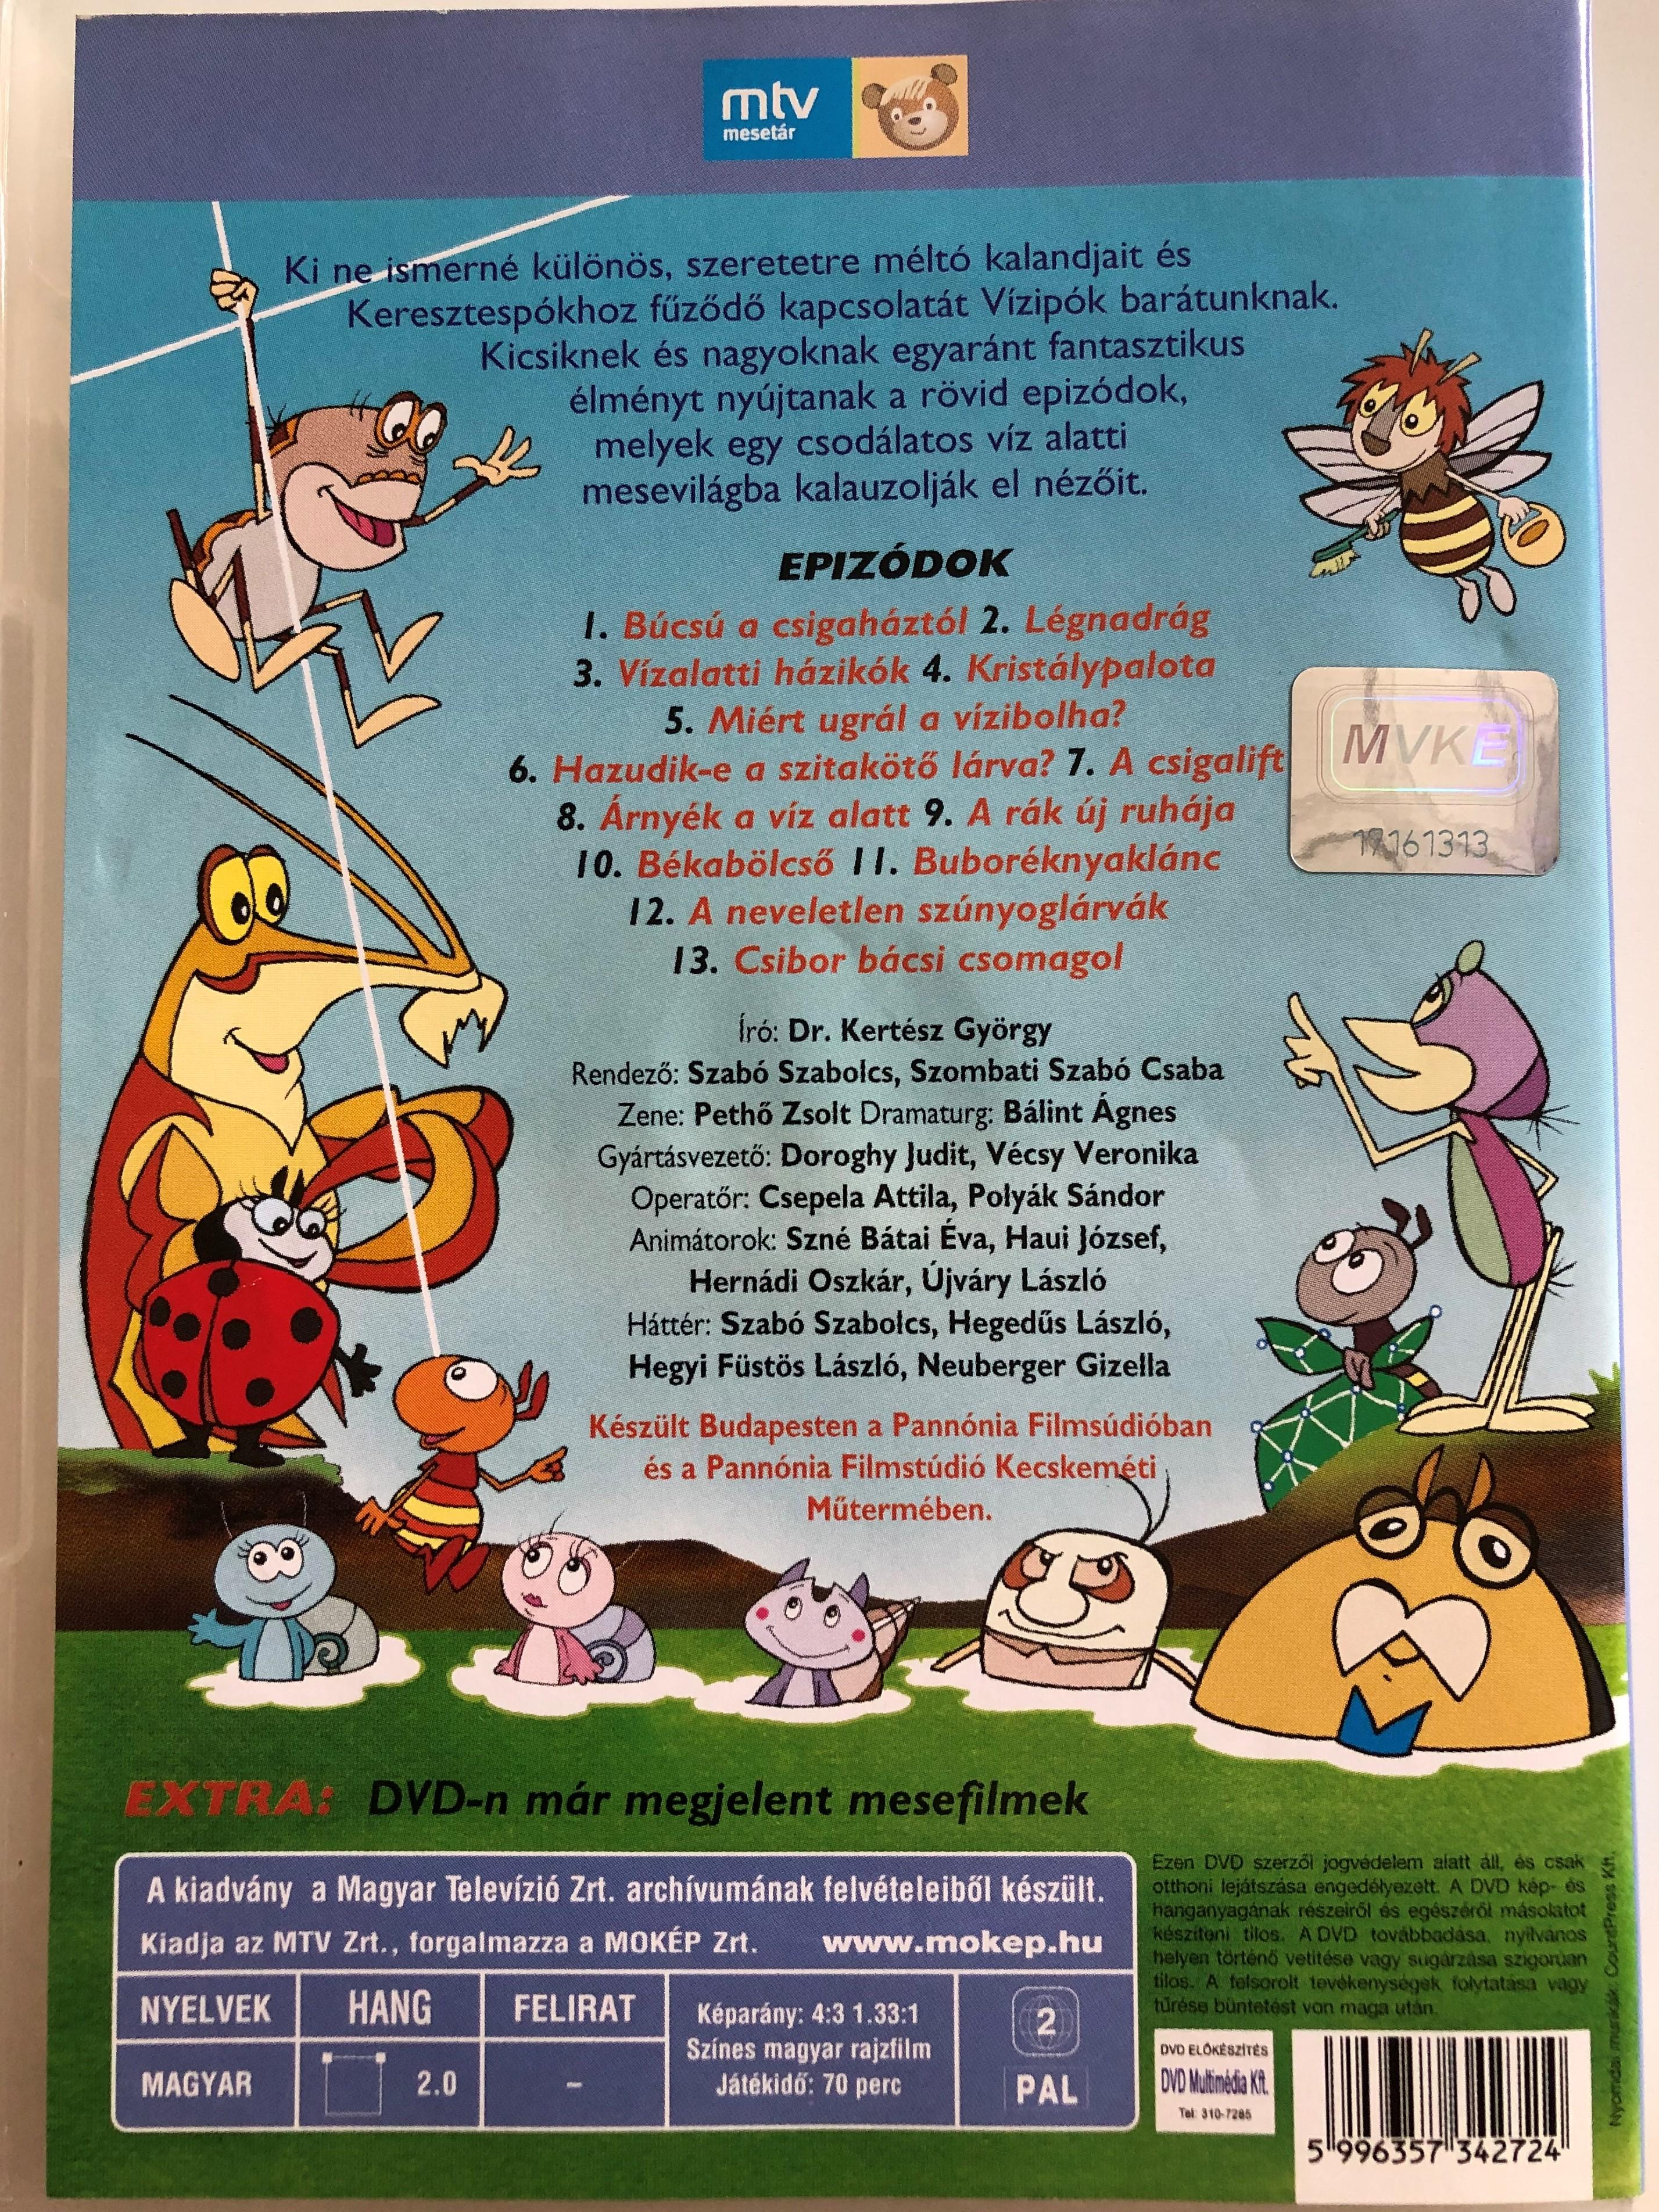 v-zip-k-csodap-k-1.-sorozat-dvd-1980-directed-by-szab-szabolcs-haui-j-zsef-written-by-kert-sz-gy-rgy-hungarian-classic-cartoon-13-episodes-on-disc-2-.jpg